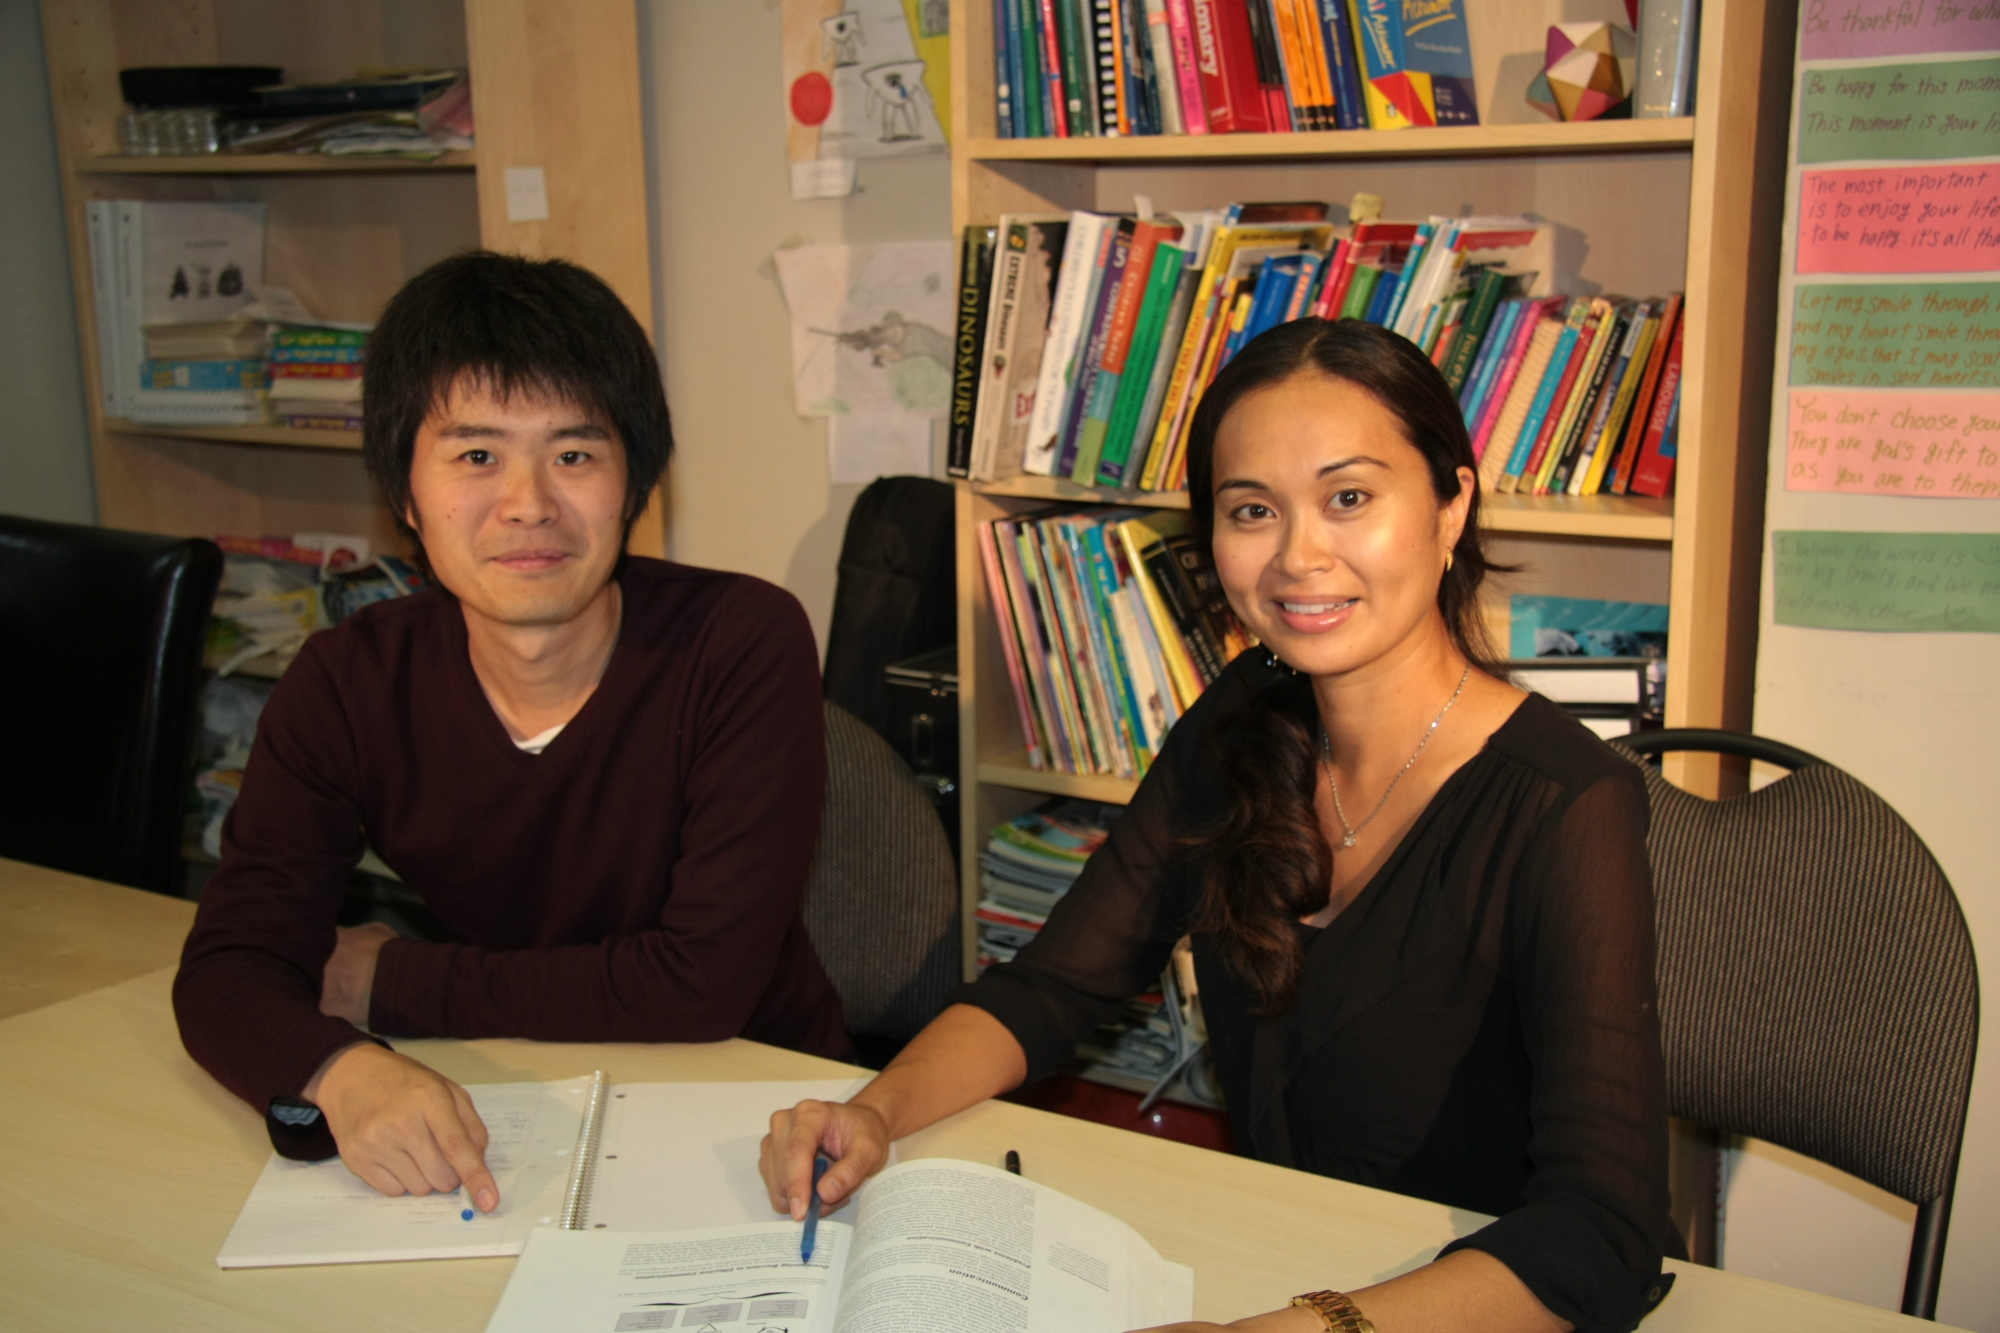 英語力ゼロでも英語を習得できるカナダの教育制度とは?-グローバル人材の育成に成功した多民族共生国家